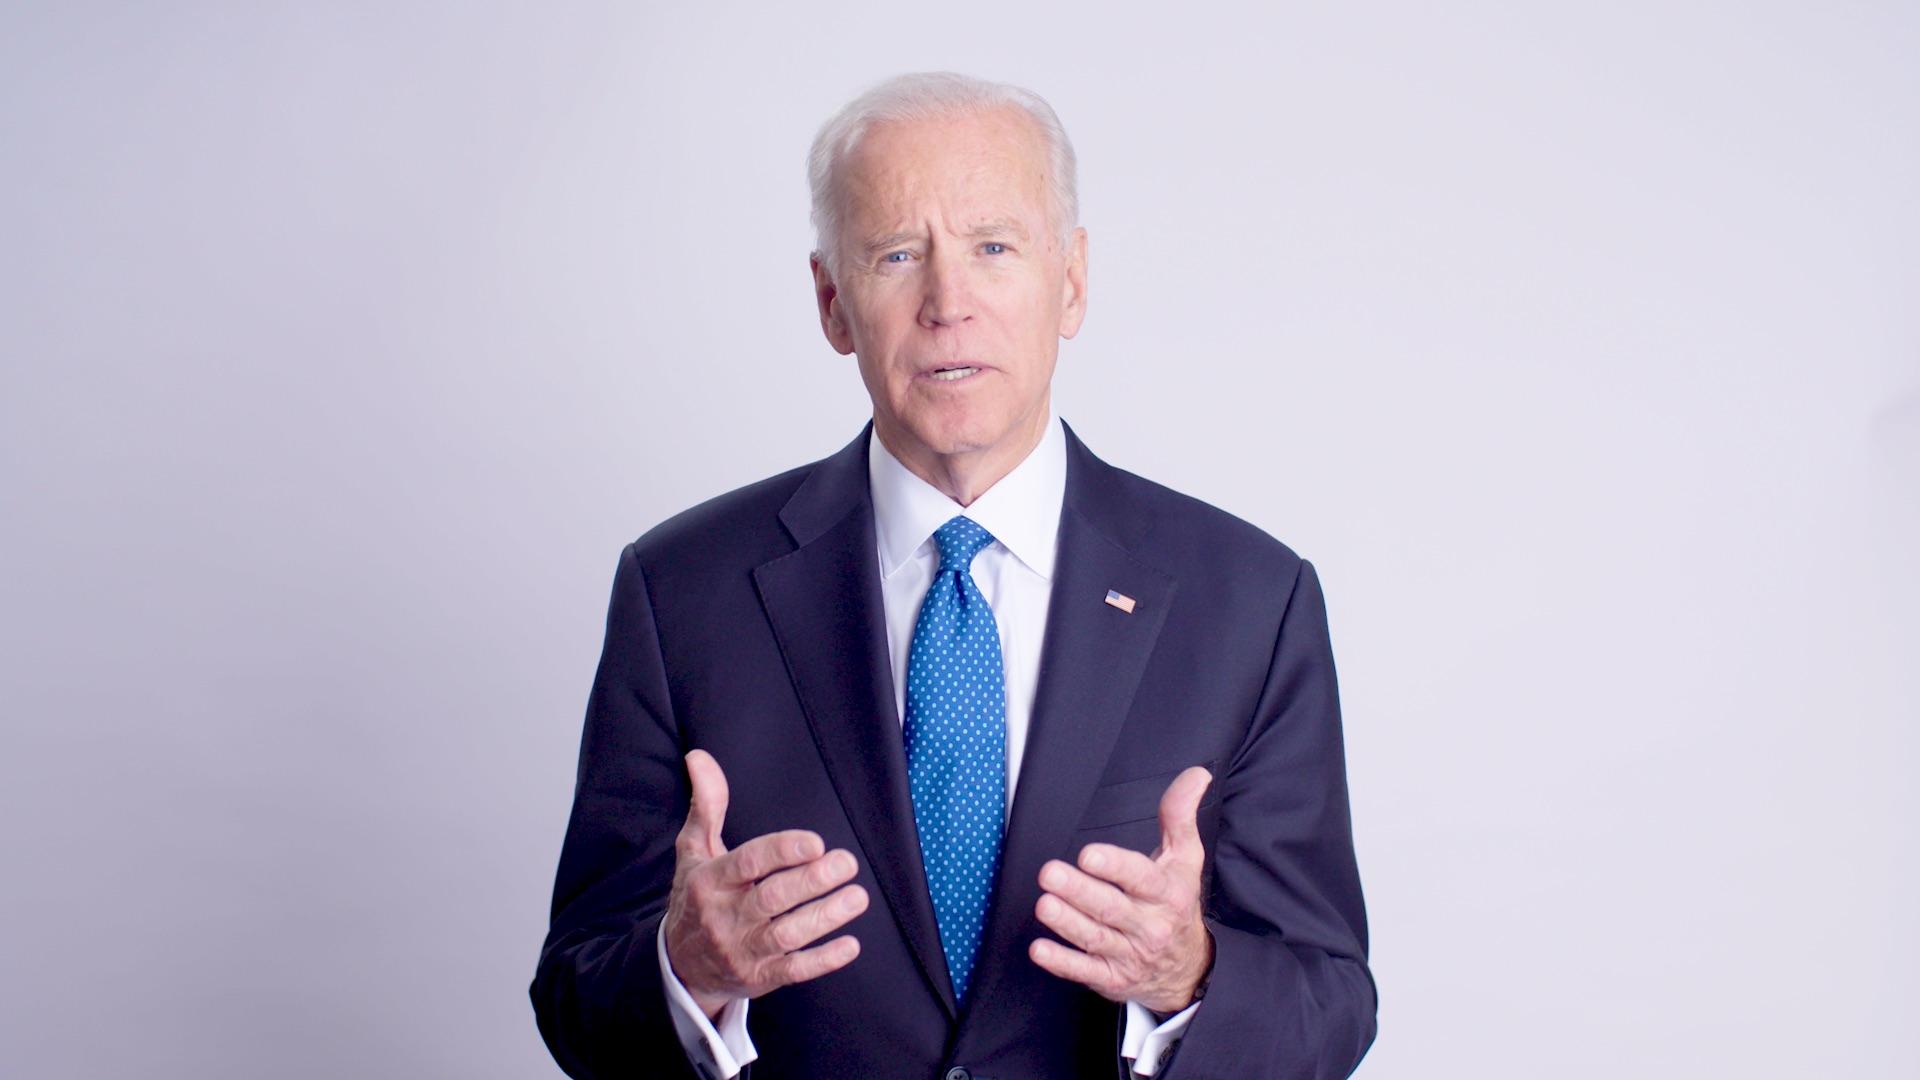 Client: The Biden Foundation.  Link